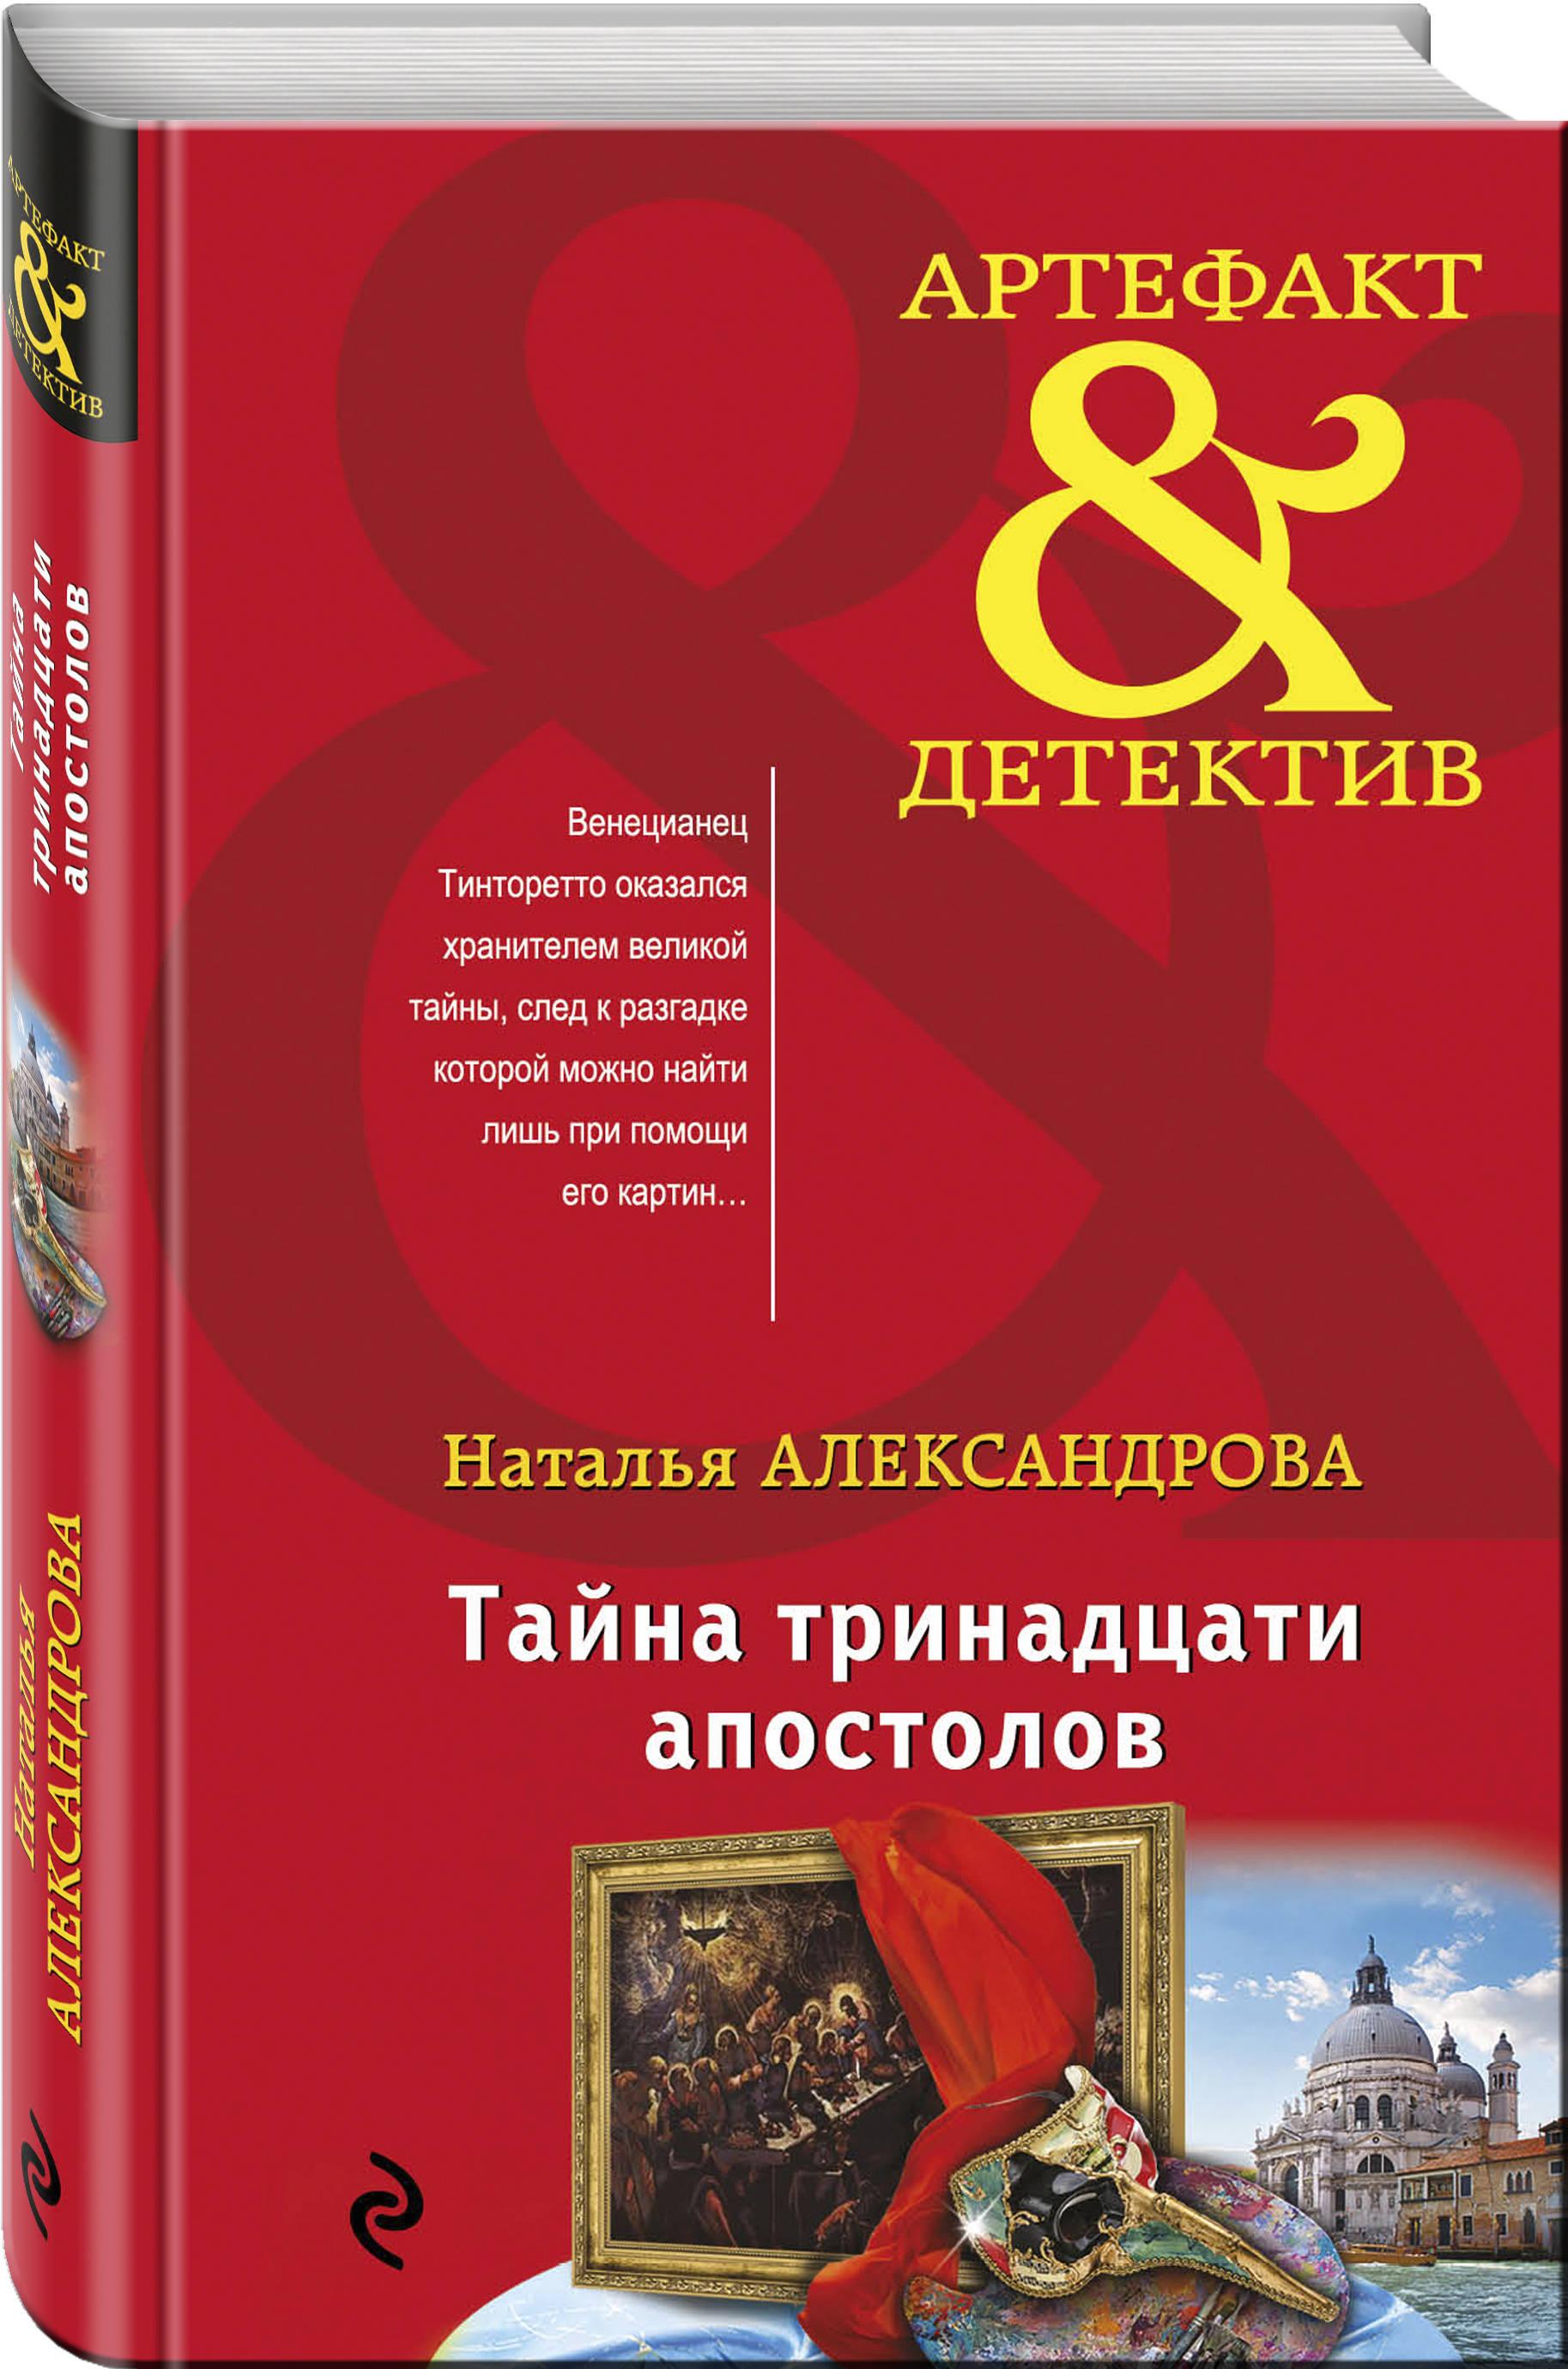 Наталья Александрова Тайна тринадцати апостолов